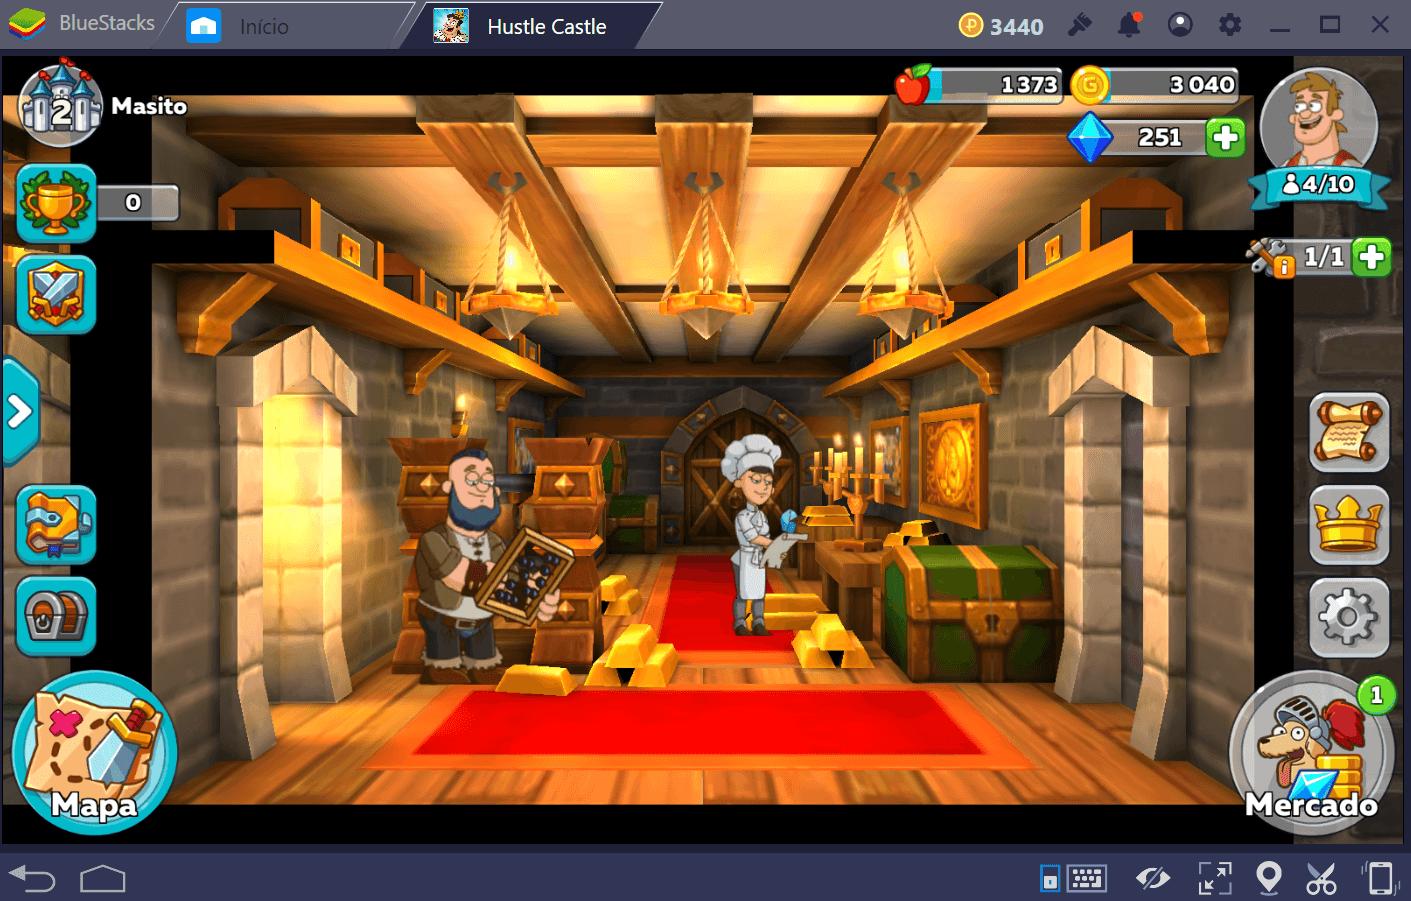 Como conquistar novos personagens em Hustle Castle: Vida do Castelo